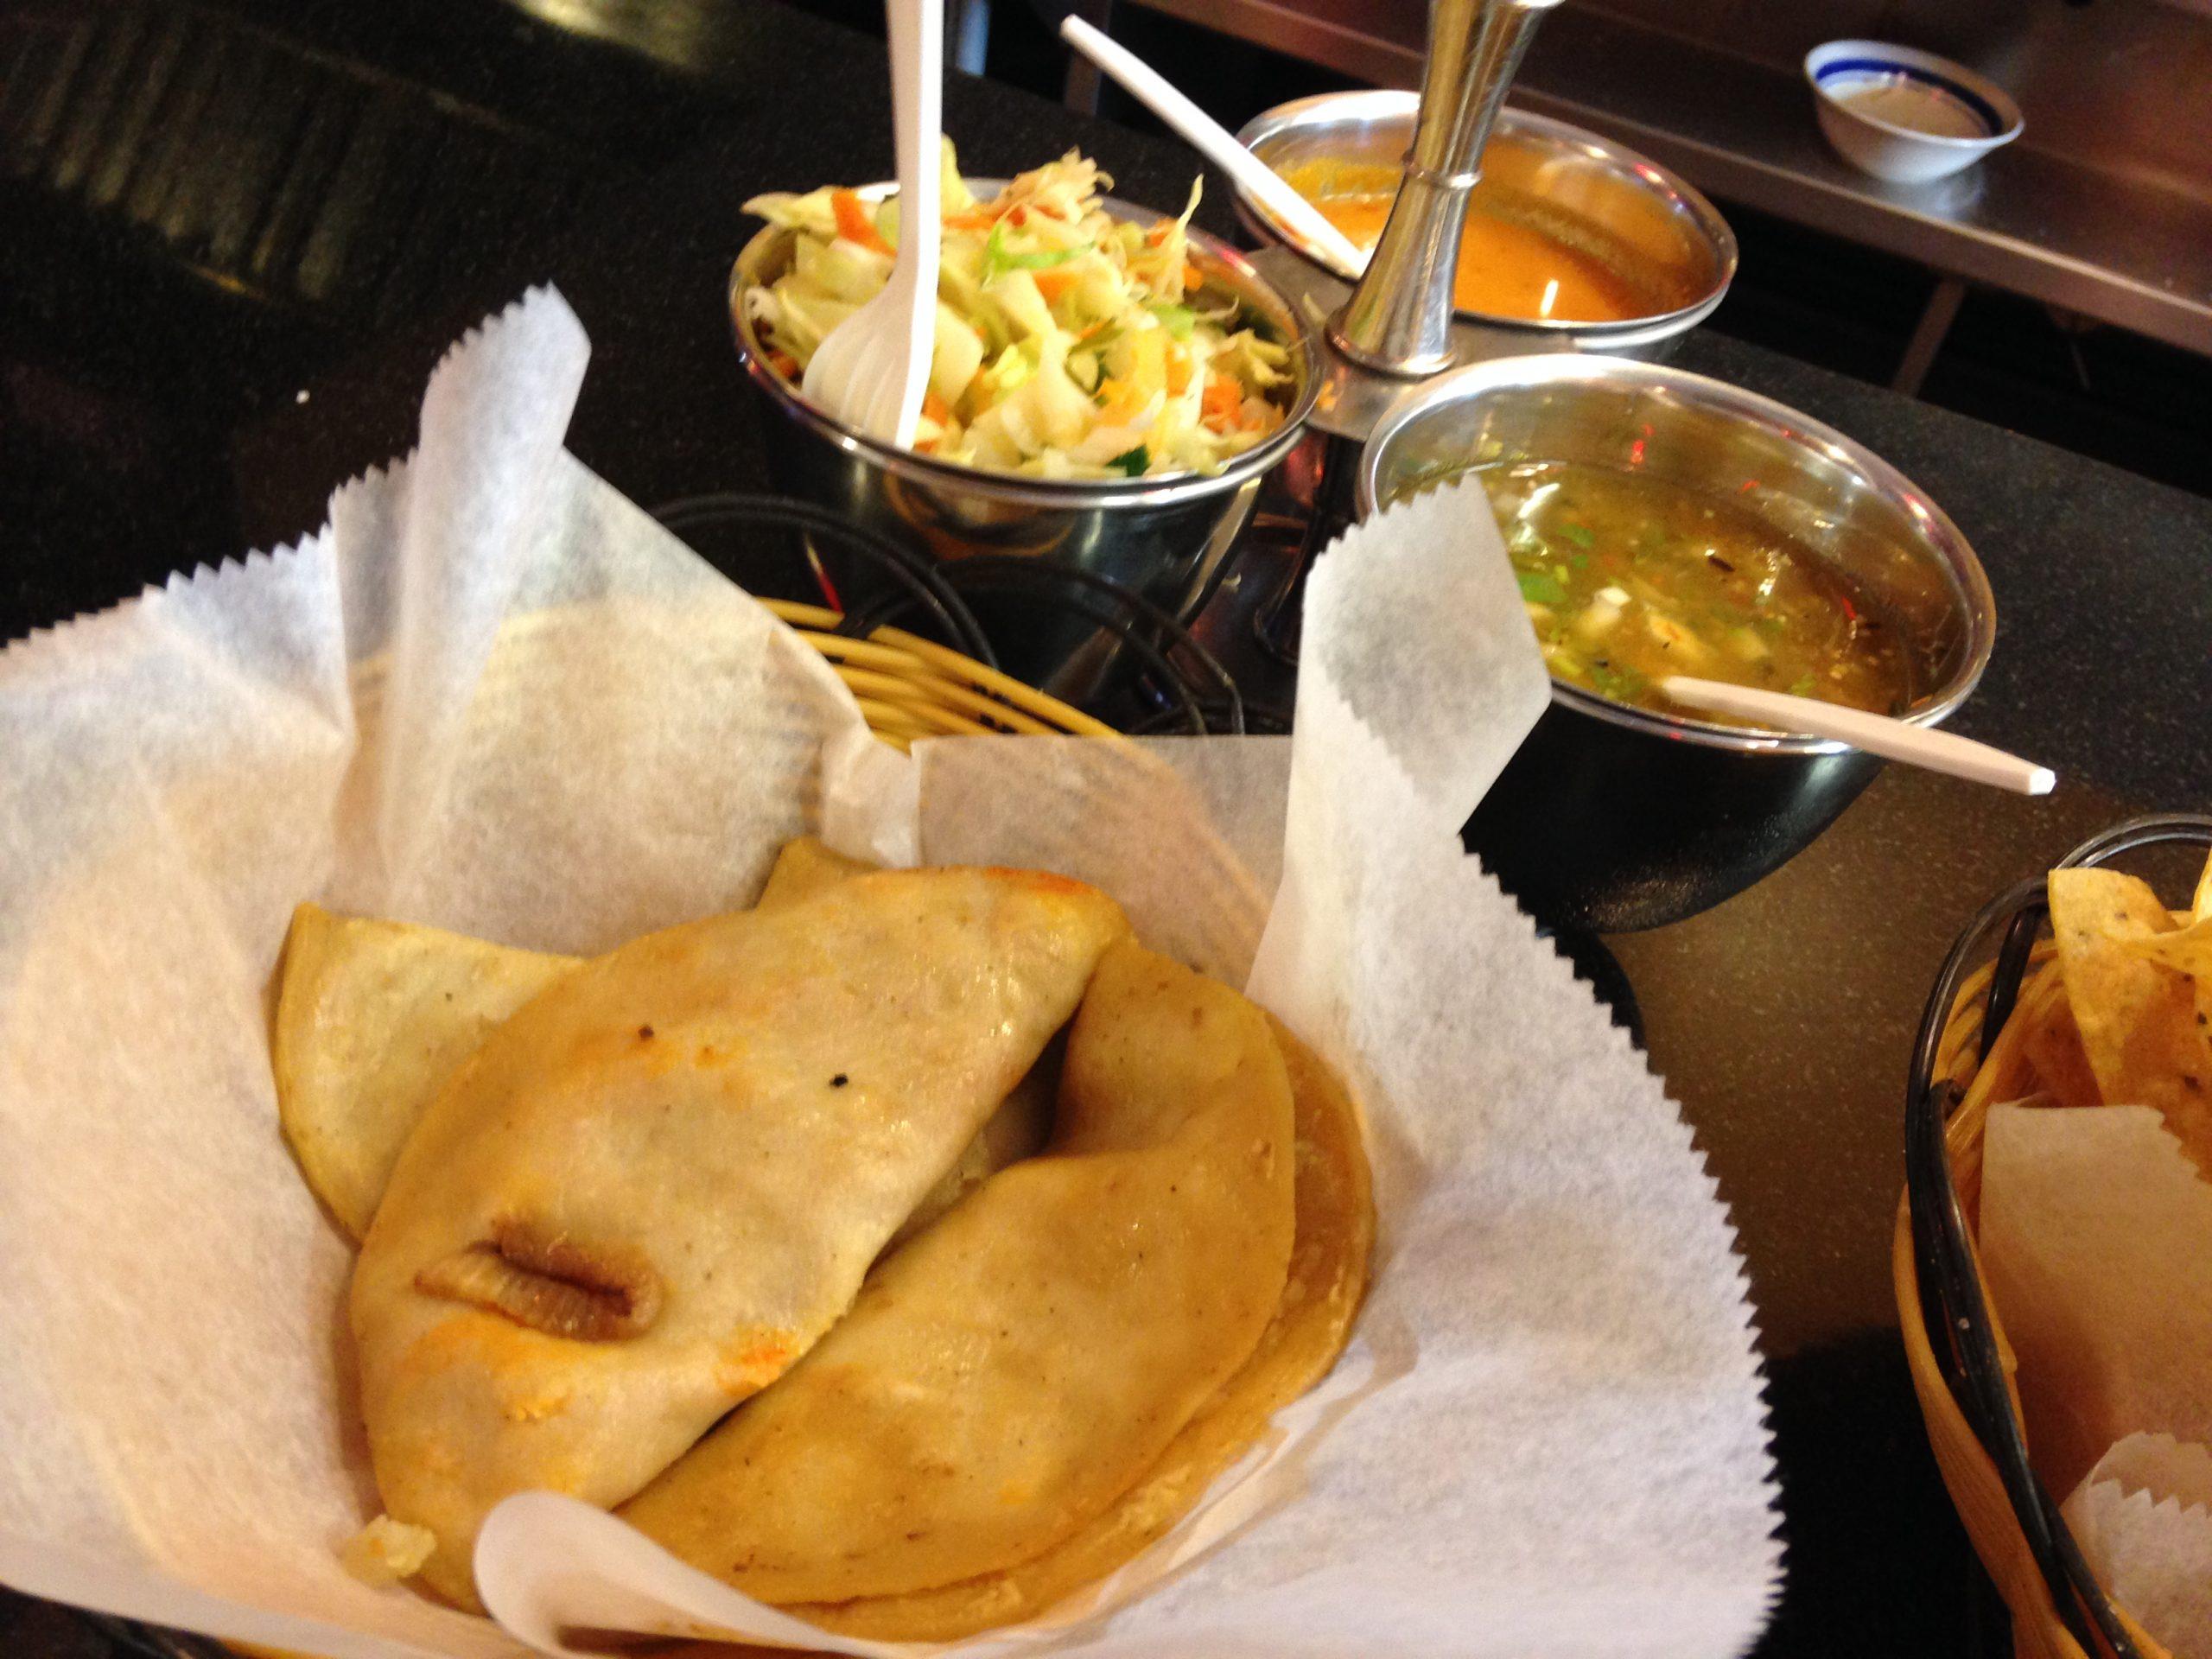 3. El Conde S.A., 1536 W. 18th. Tacos <i>de canasta</i> (basket tacos)